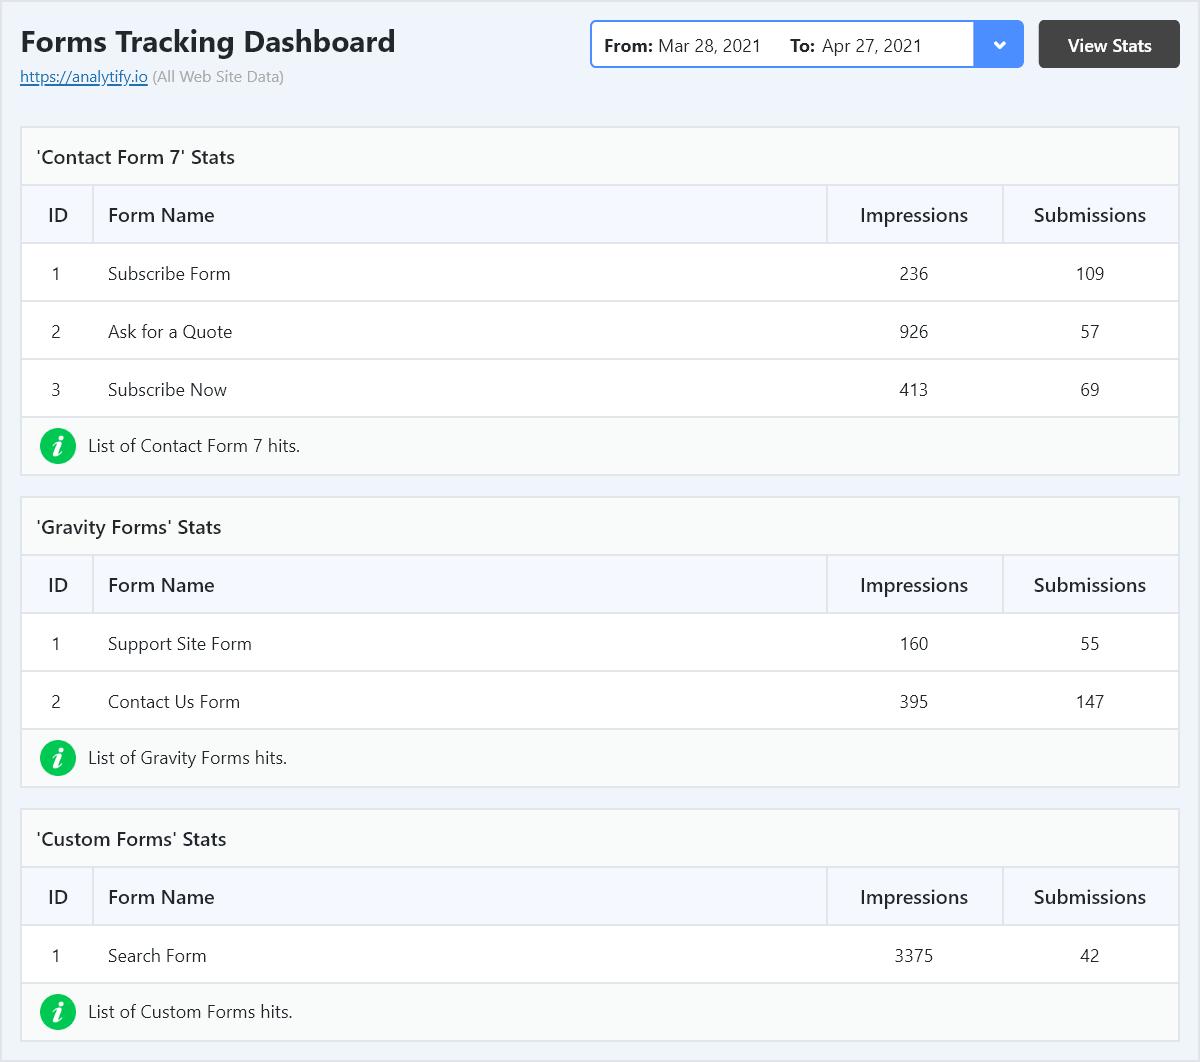 Forms Analytics Dashboard